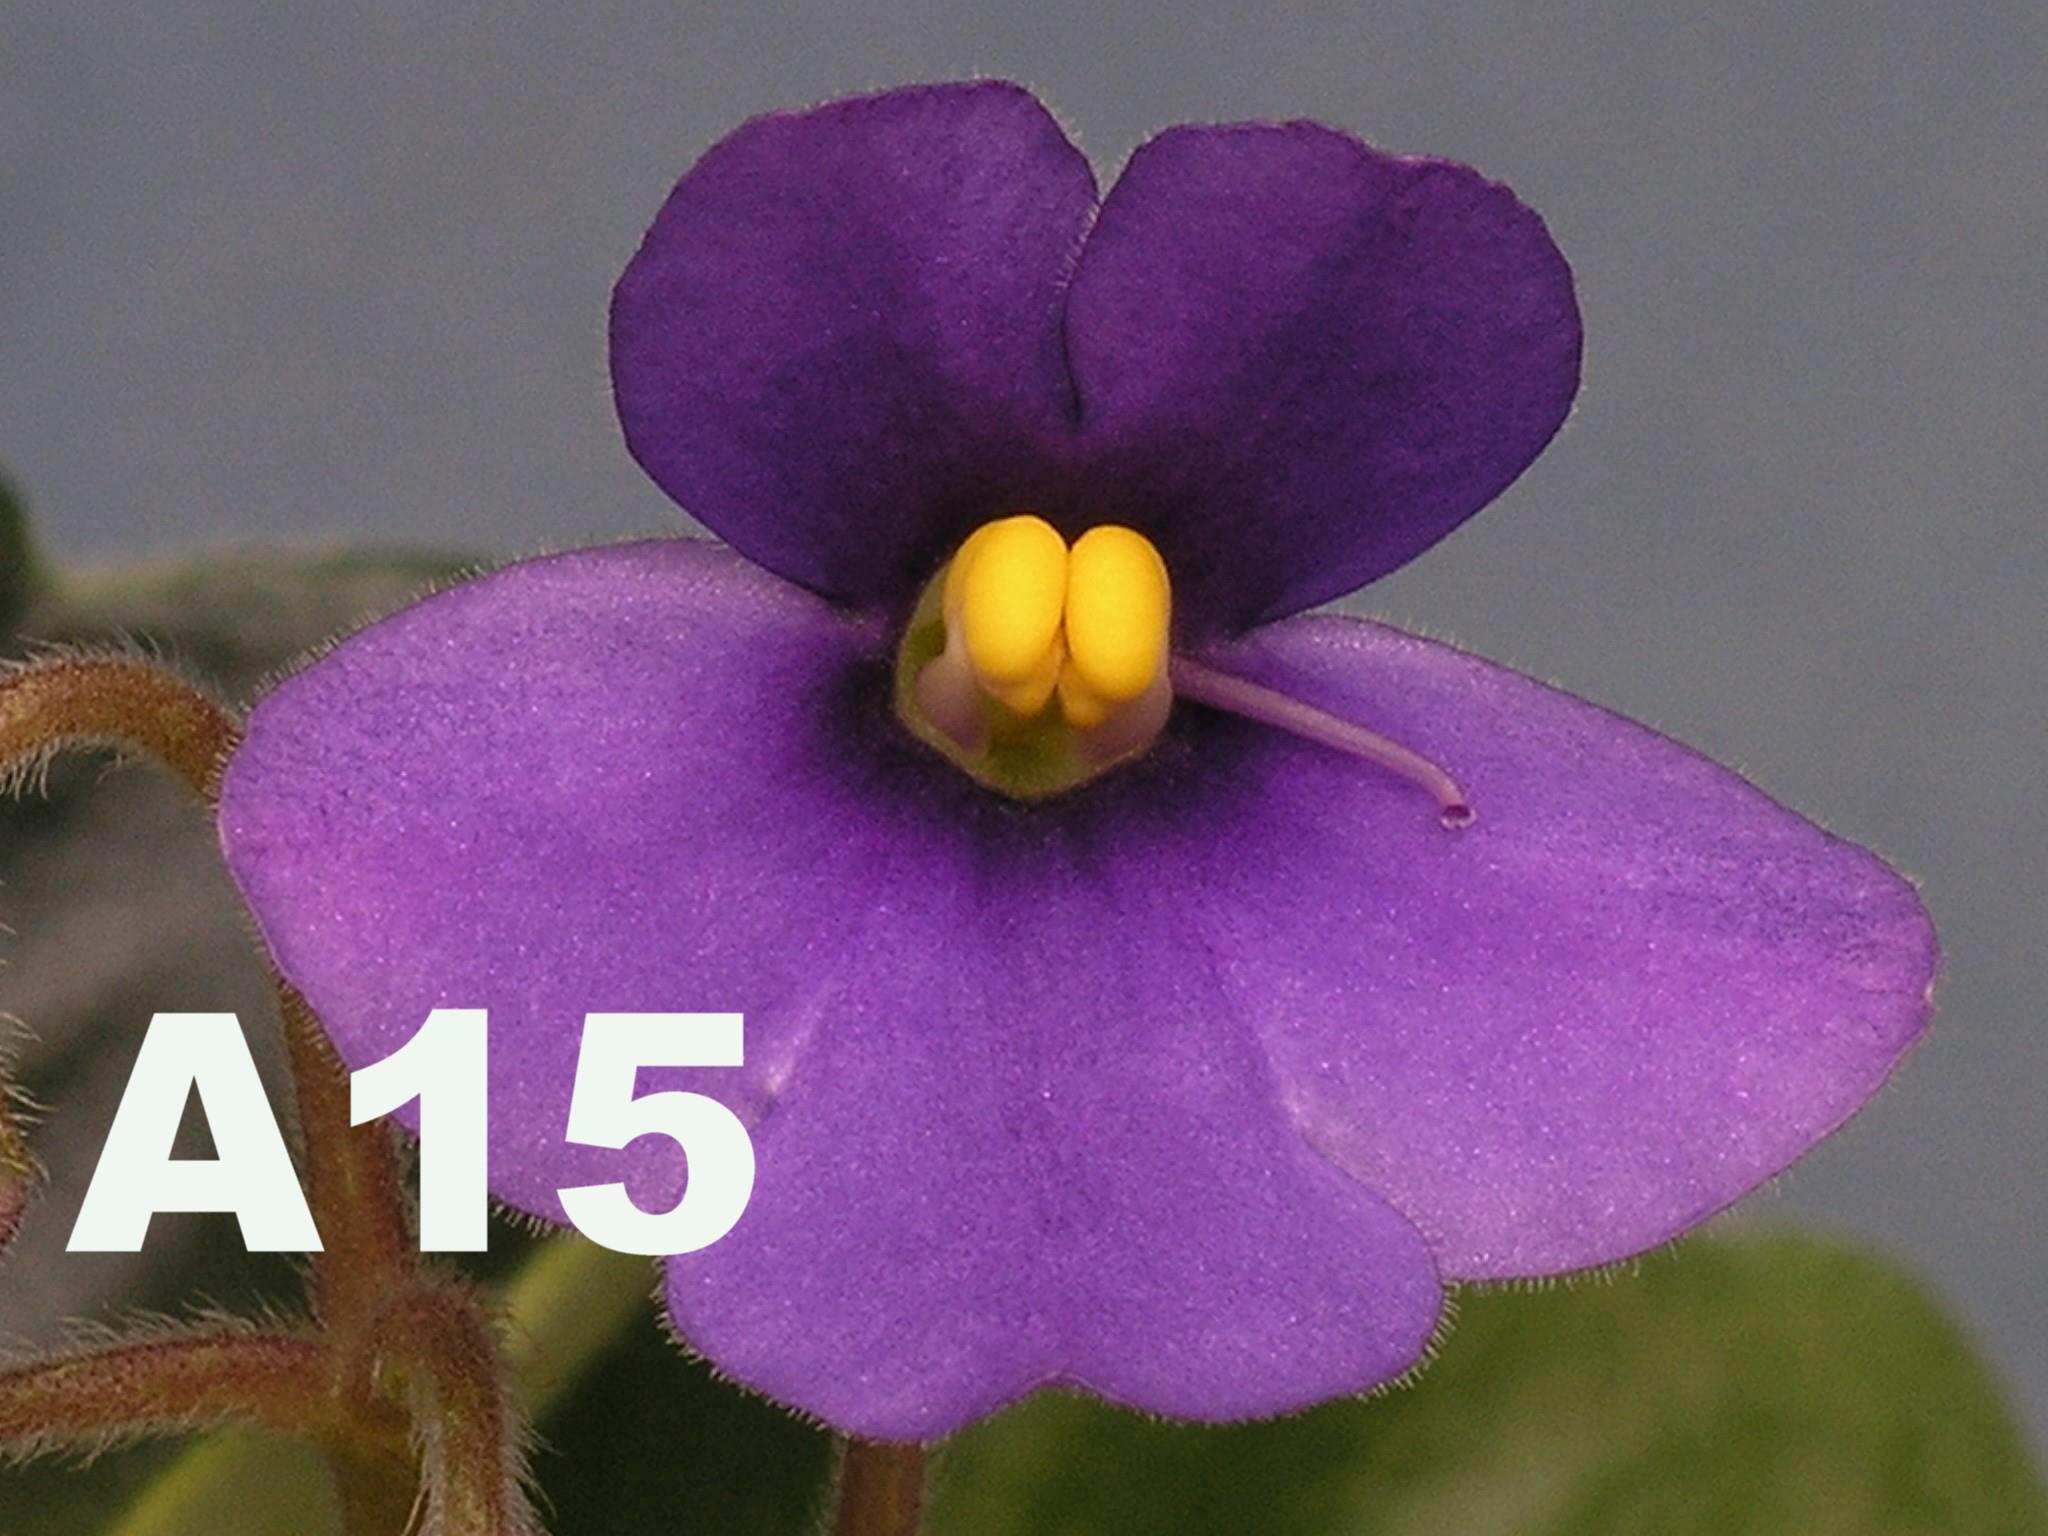 非洲紫羅蘭名錄 | African Violets Catalogue - A系列 A15